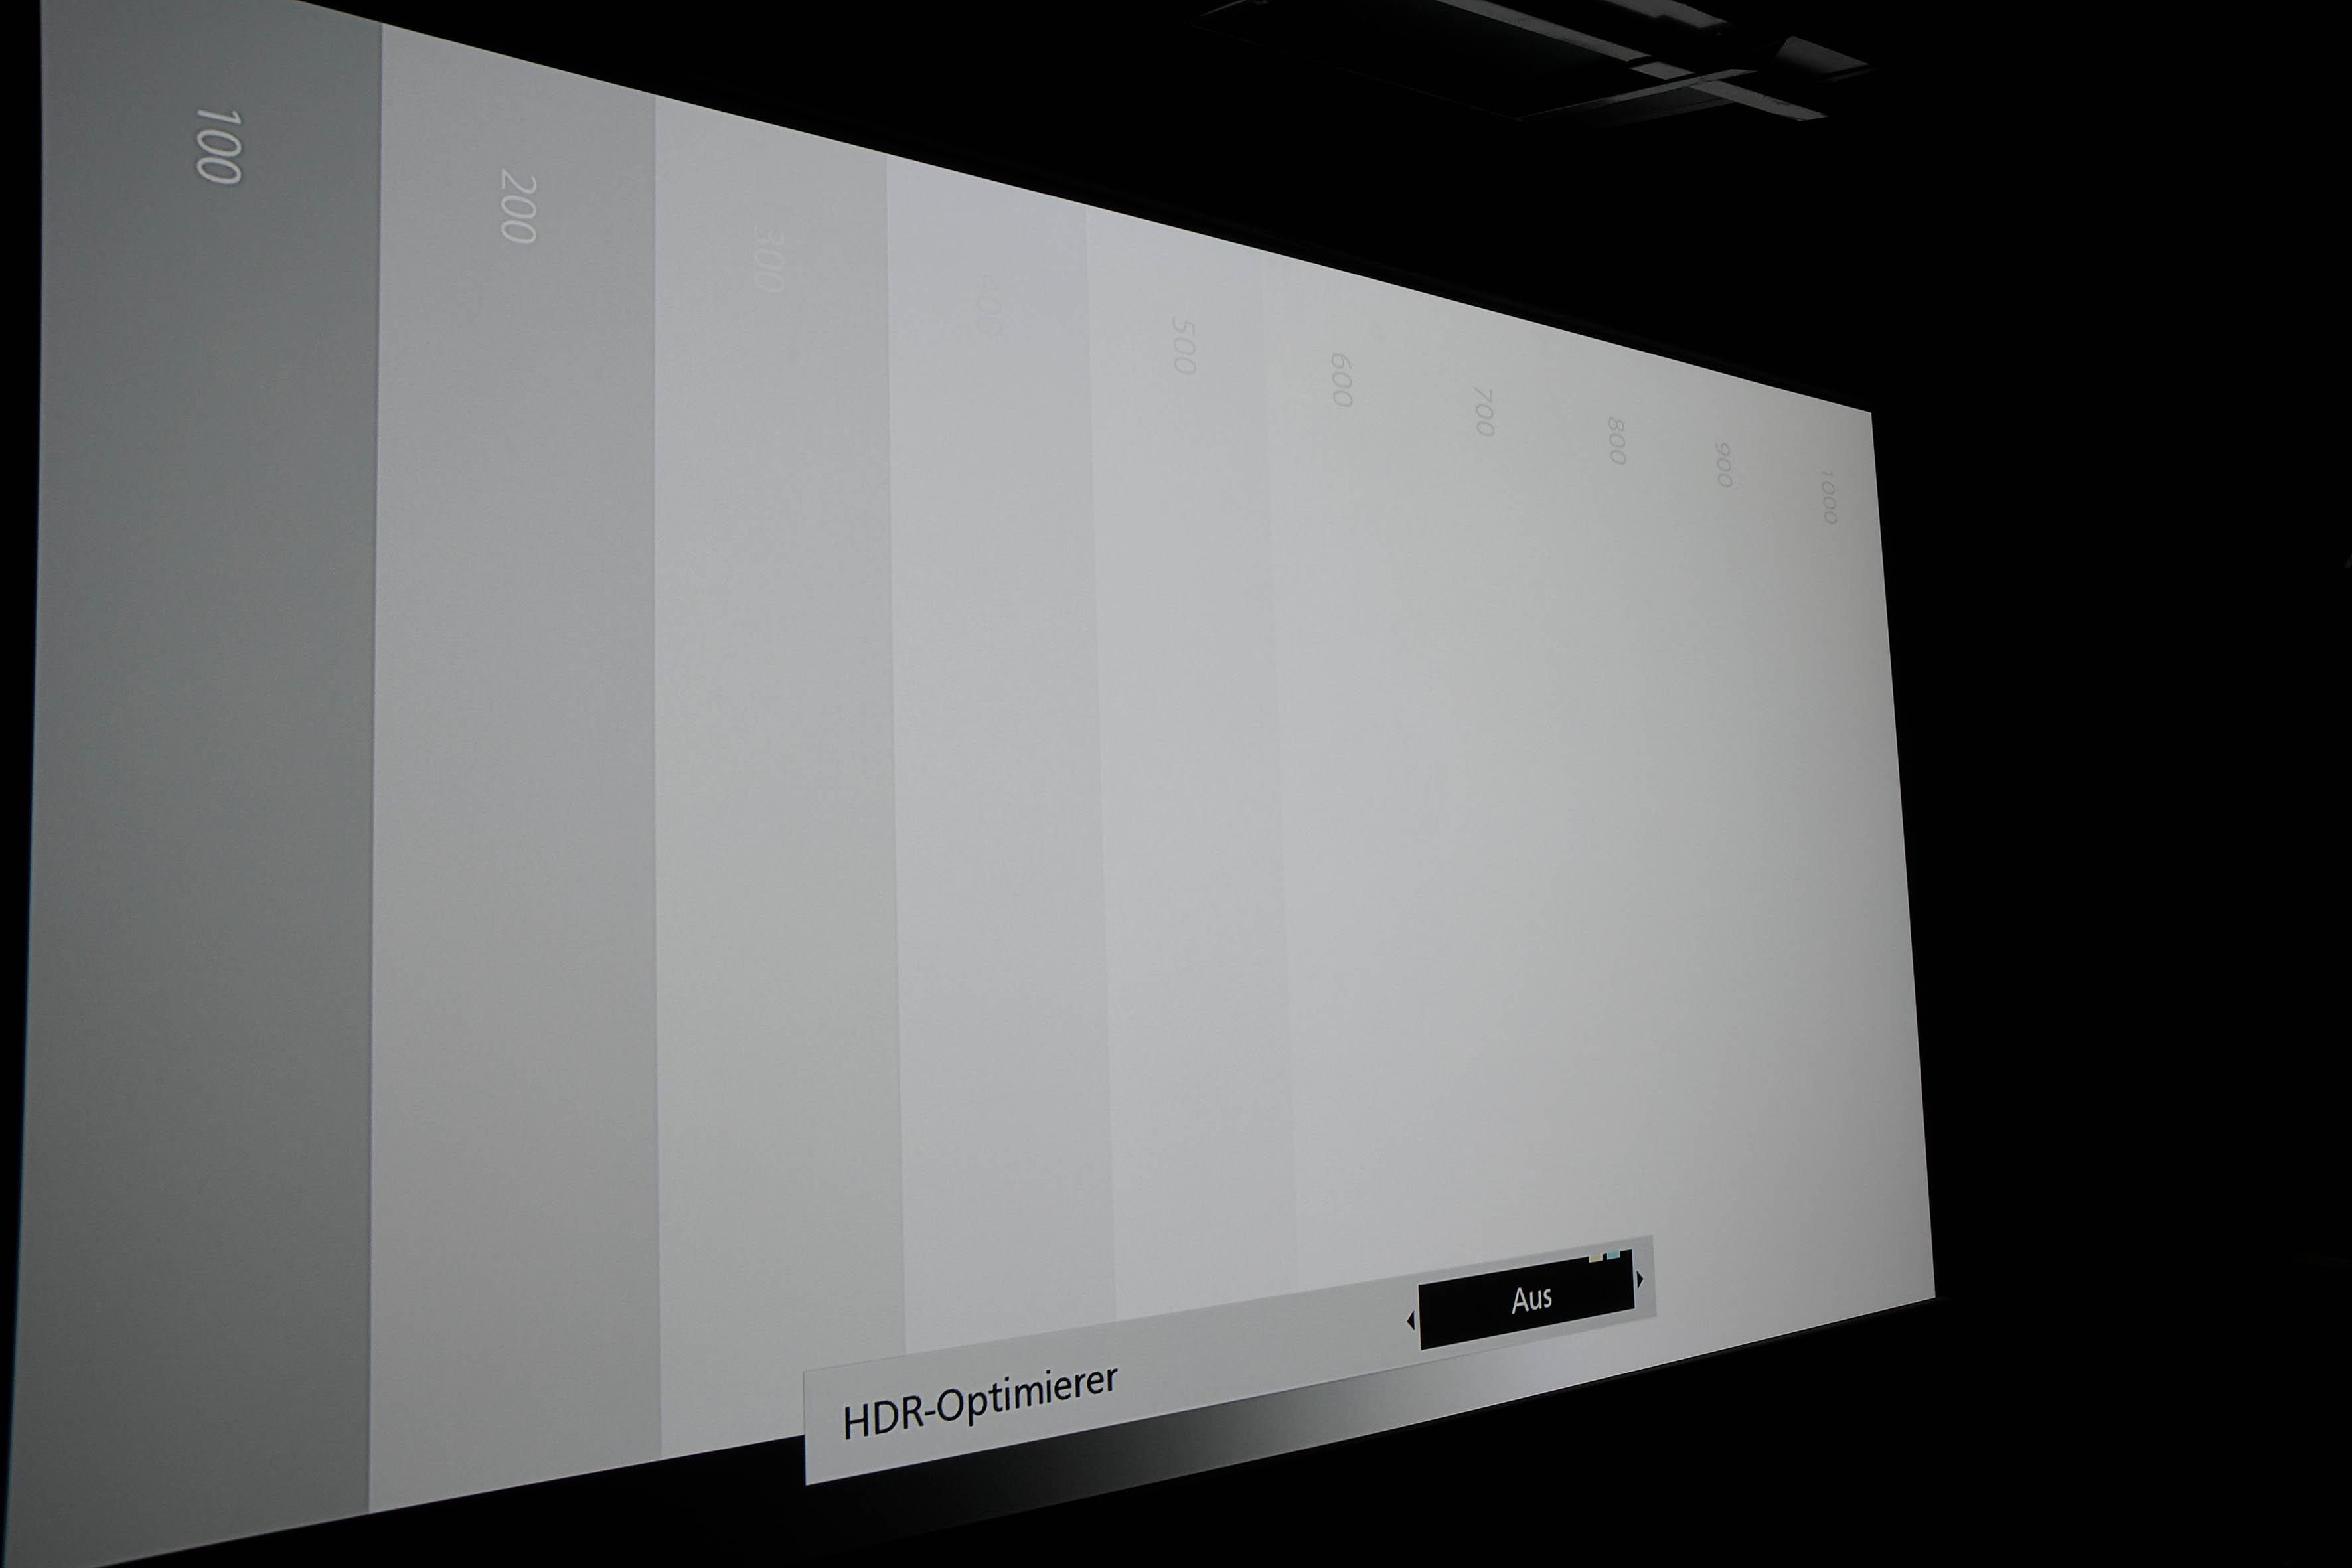 """JVC DLA-X7900 Mit ausgeschaltetem HDR Optimierer wird via Kontrastregler das Clipping so eingestellt, dass 500 Nits die letzte sichtbare Graustufe ist. Ab 600 Nits ist alles """"Weiß"""". Hier sprechen wir auch von """"Clipping""""."""